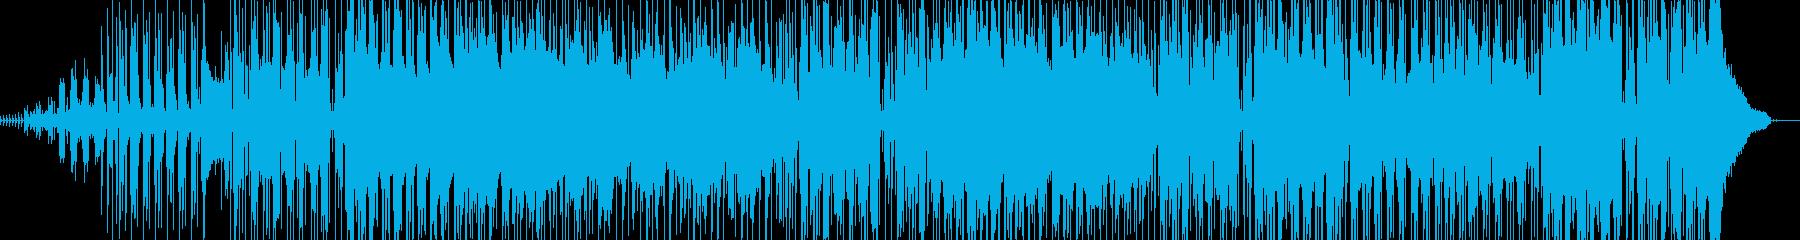 チルアウトな温かいクリスマス風BGMの再生済みの波形